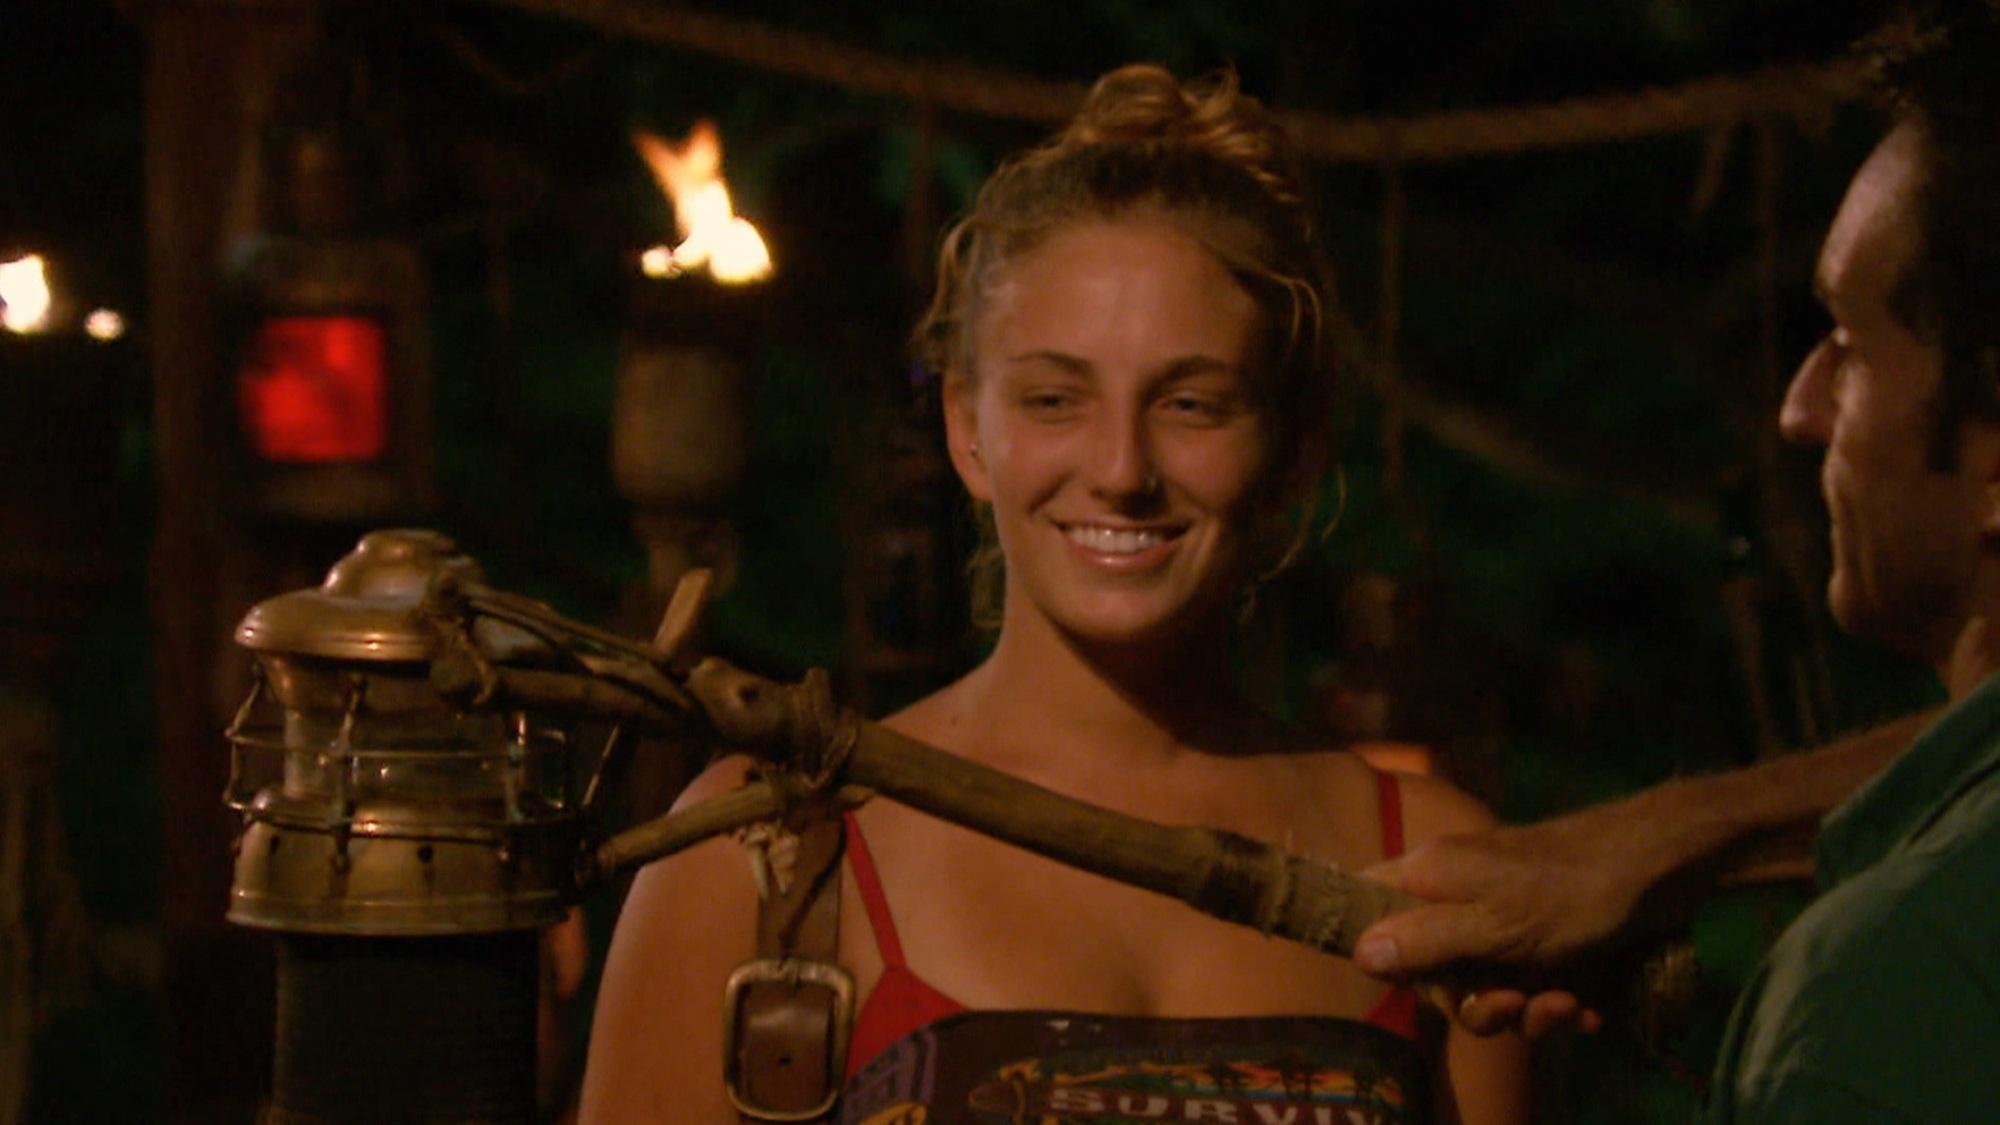 Jeff Probst bids Survivor star Jenn Brown farewell after tribal council